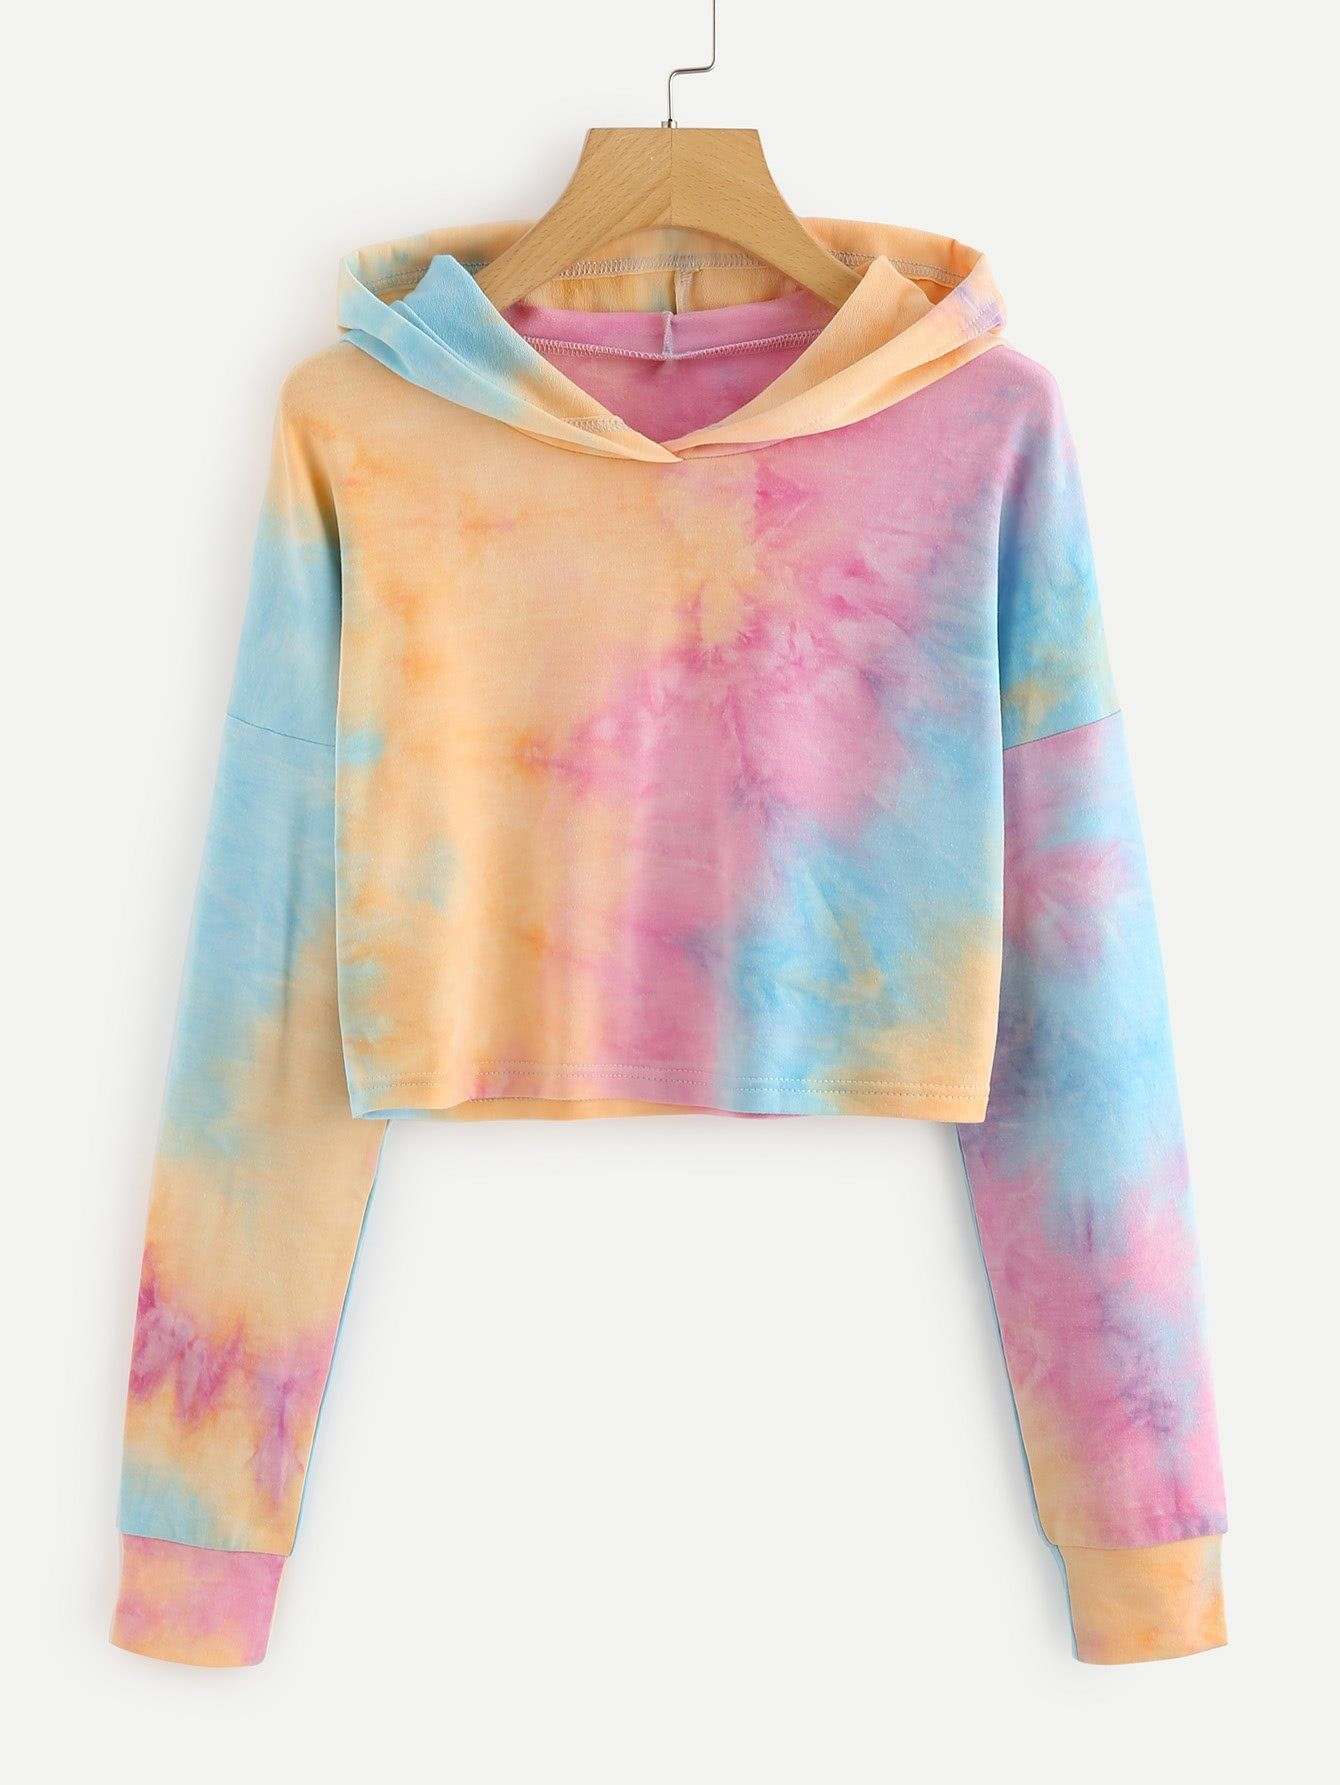 Pastel Tie Dye Crop Sweatshirt Women Hoodies Sweatshirts Crop Top Sweatshirt Womens Sweatshirts Hoods [ 1785 x 1340 Pixel ]